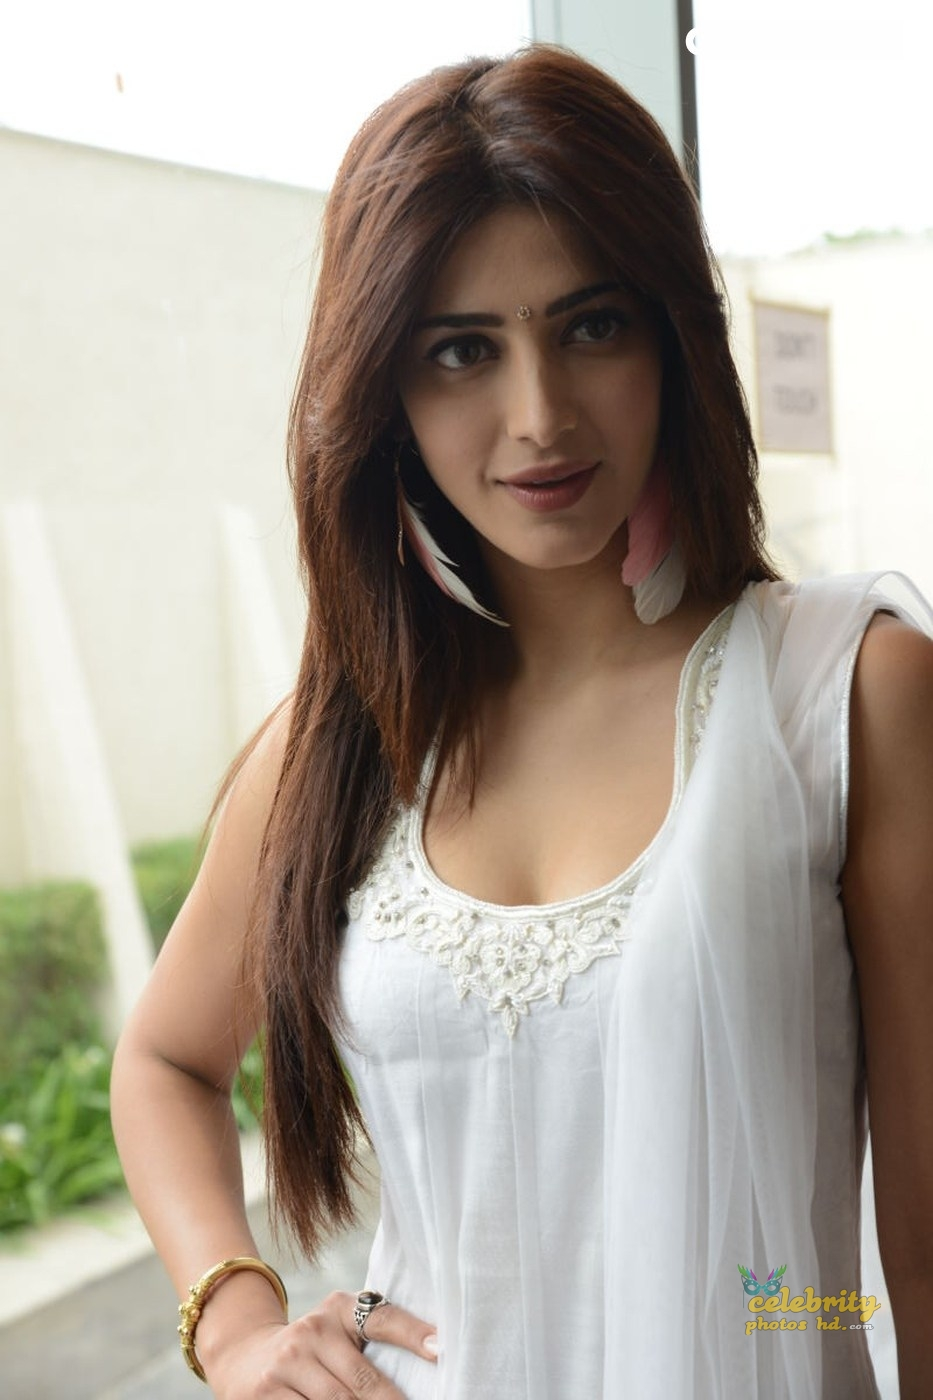 Indian Spicy Hot Actress Shruti Haasan New Photo's (2)